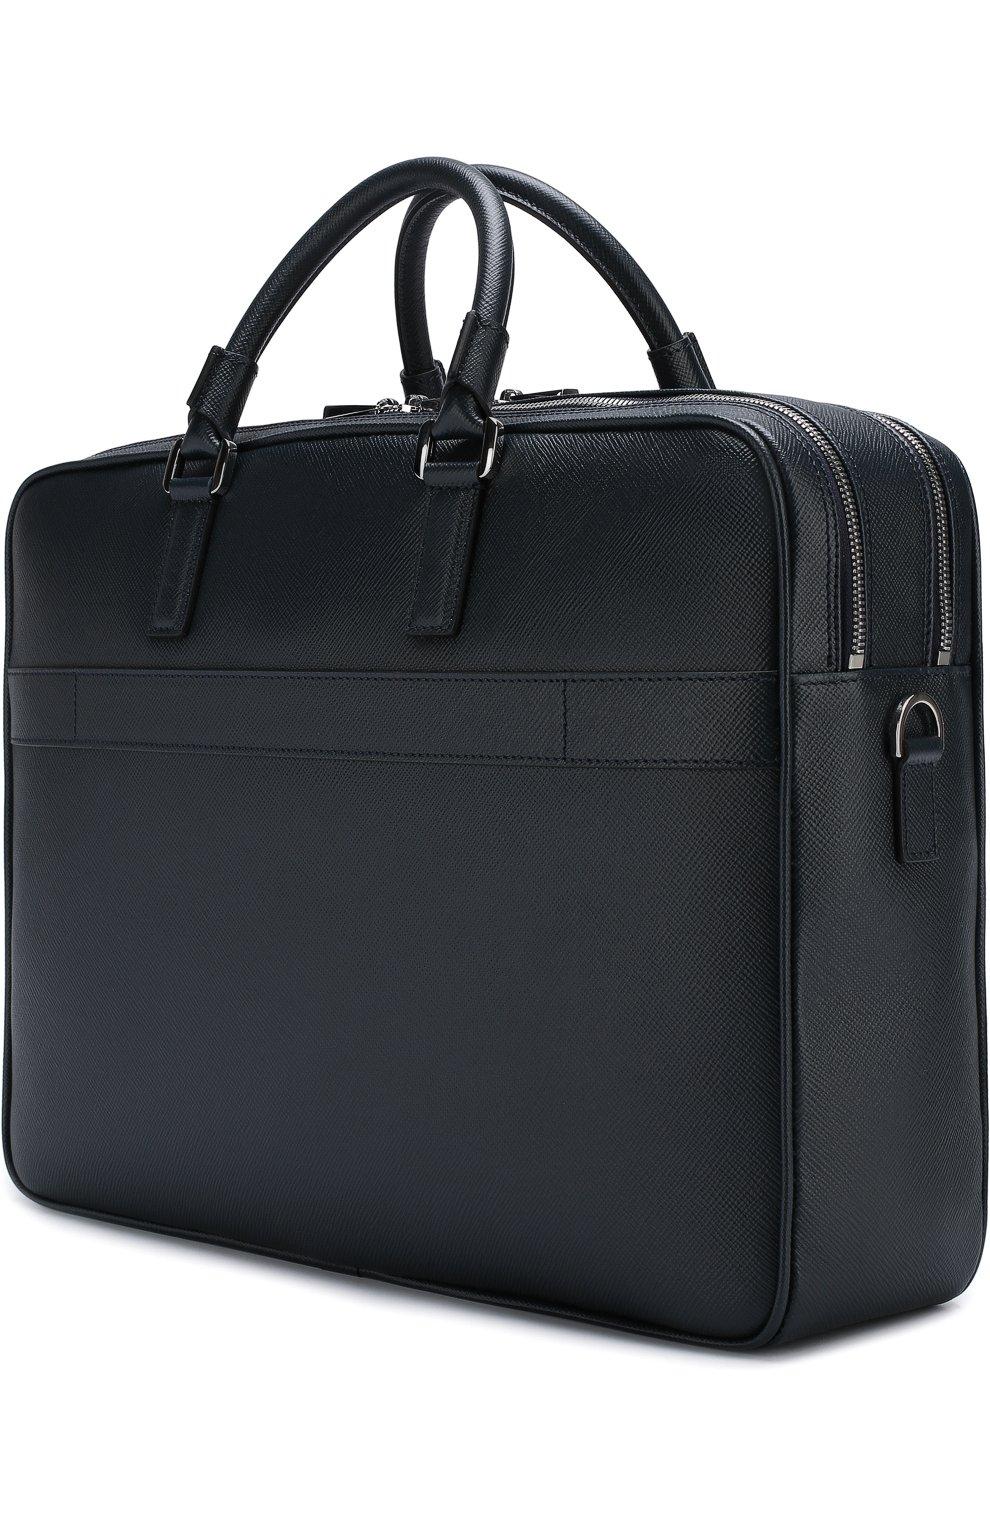 Кожаная сумка для ноутбука Evoluzione с плечевым ремнем   Фото №3